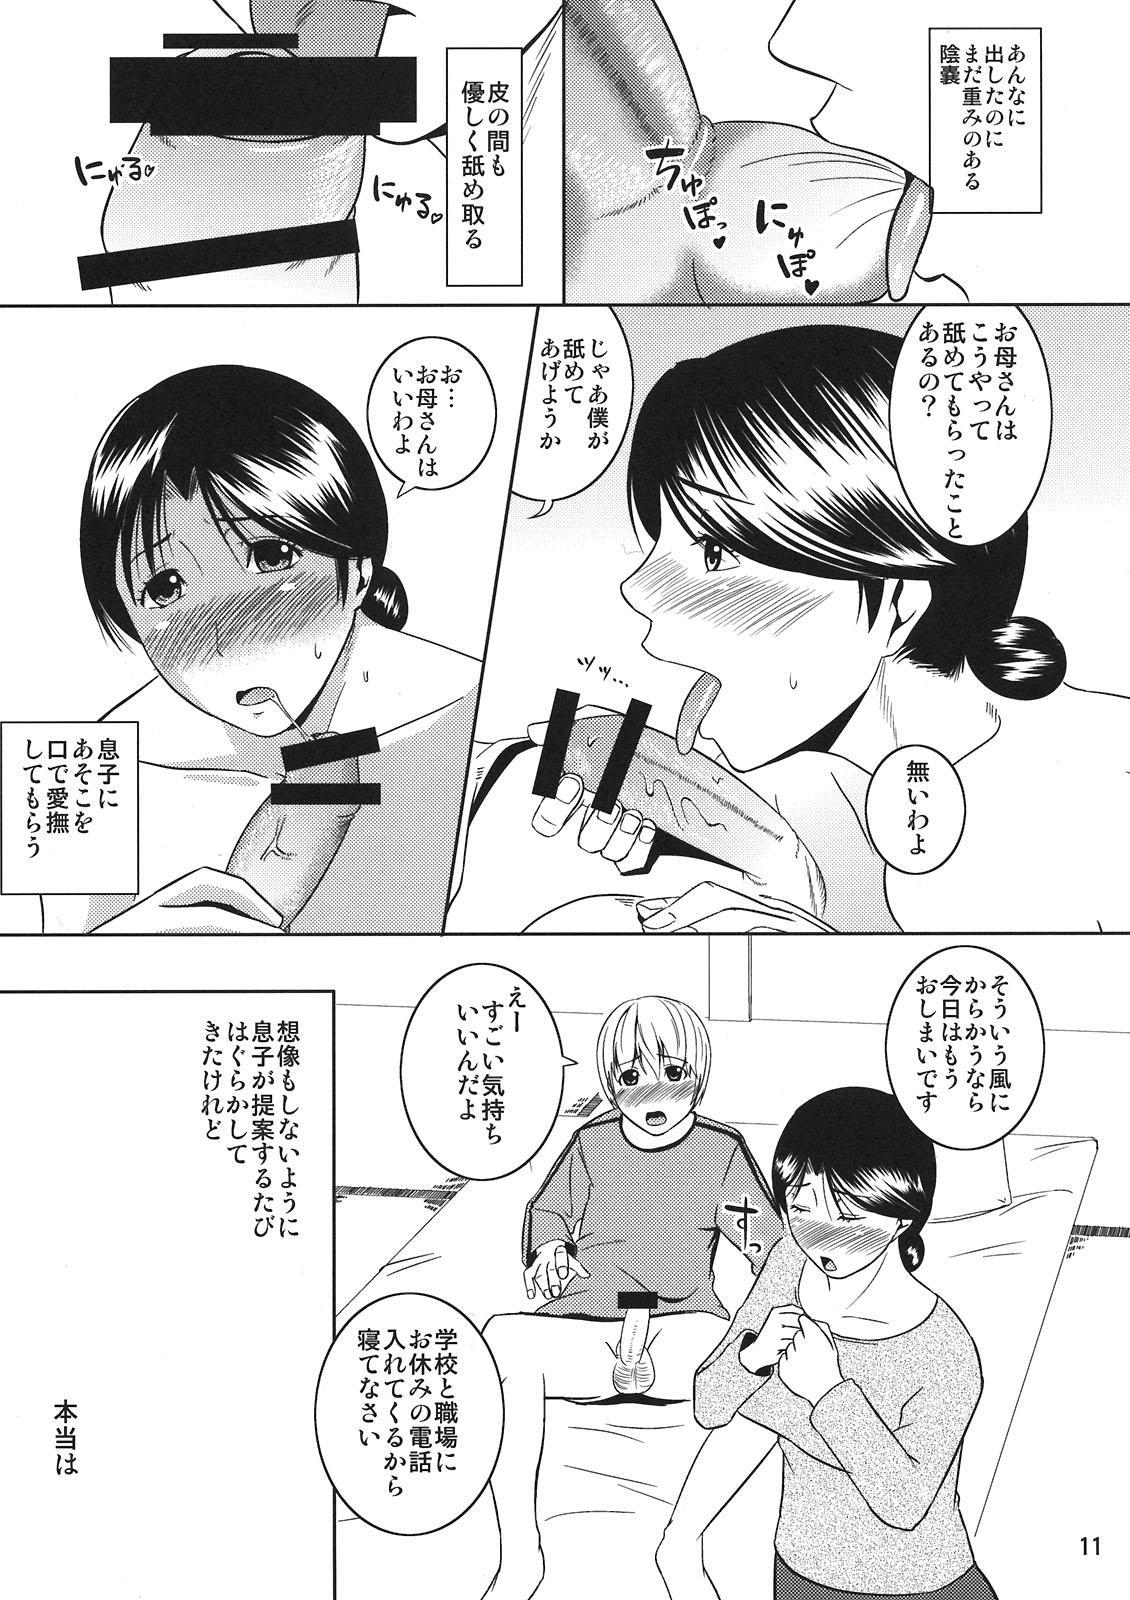 Boketsu o Horu 10 Junbigou 10